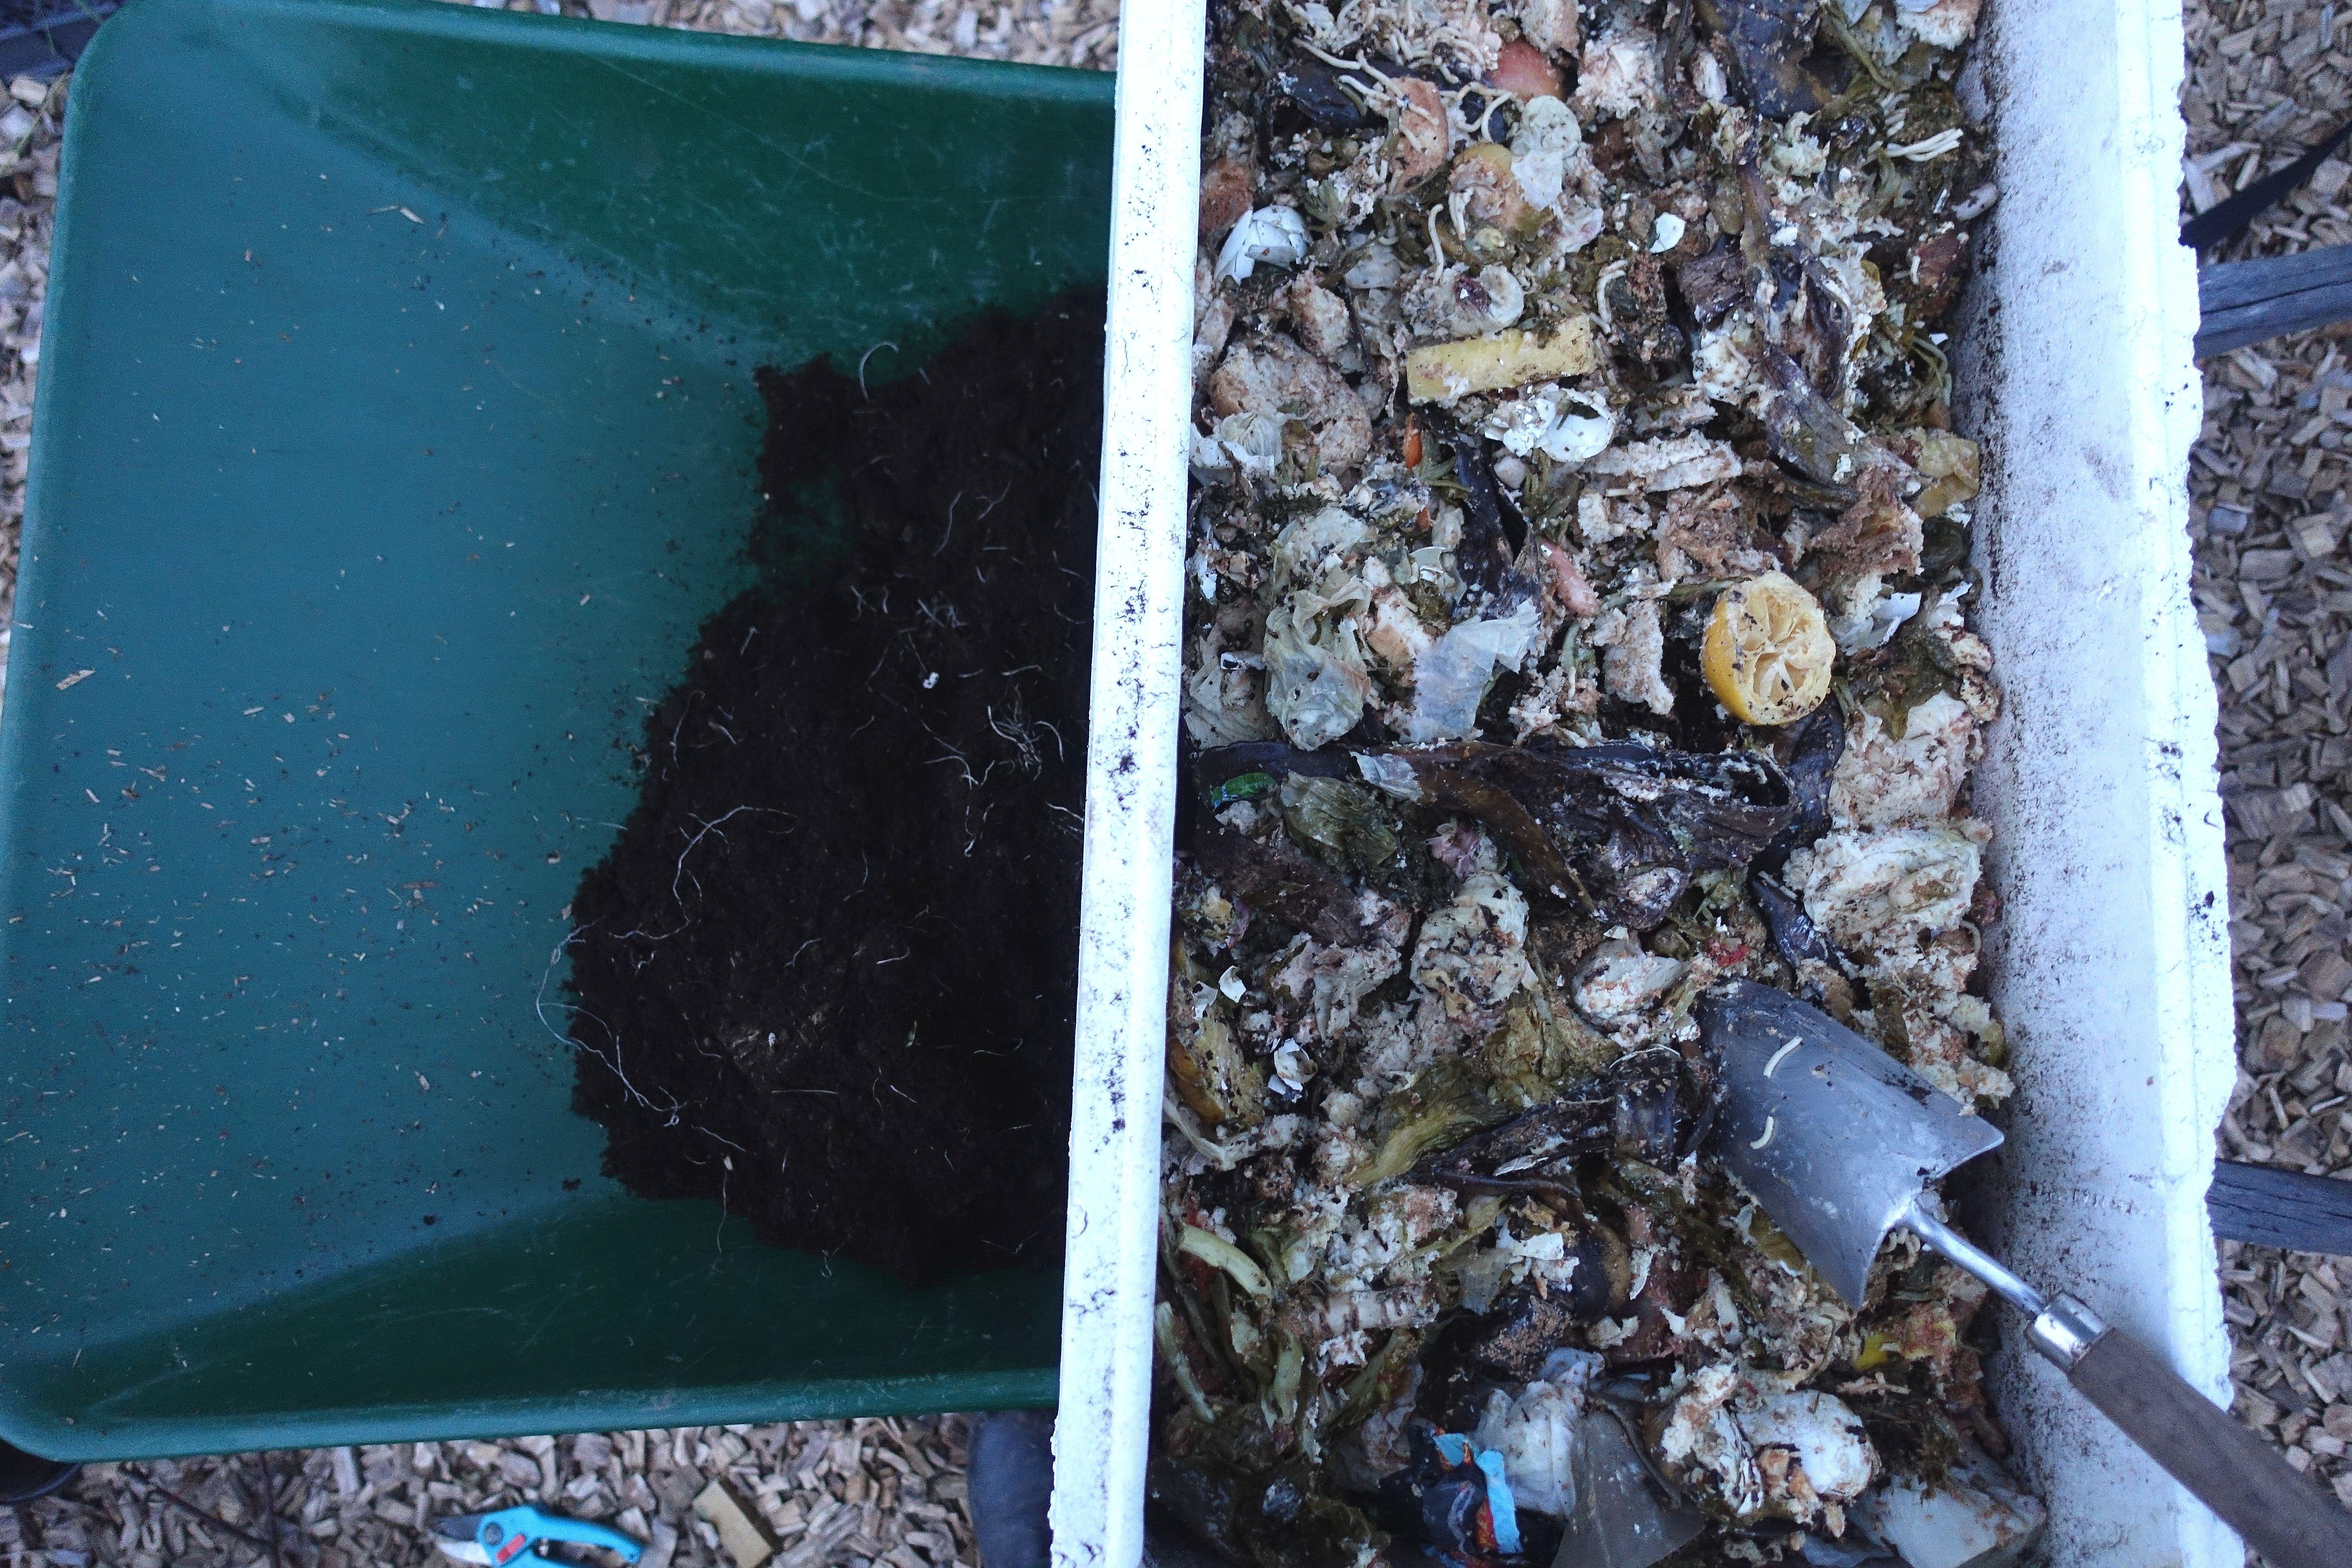 En skottkärra med frigolitlåda ovanpå och kompost i lådan.